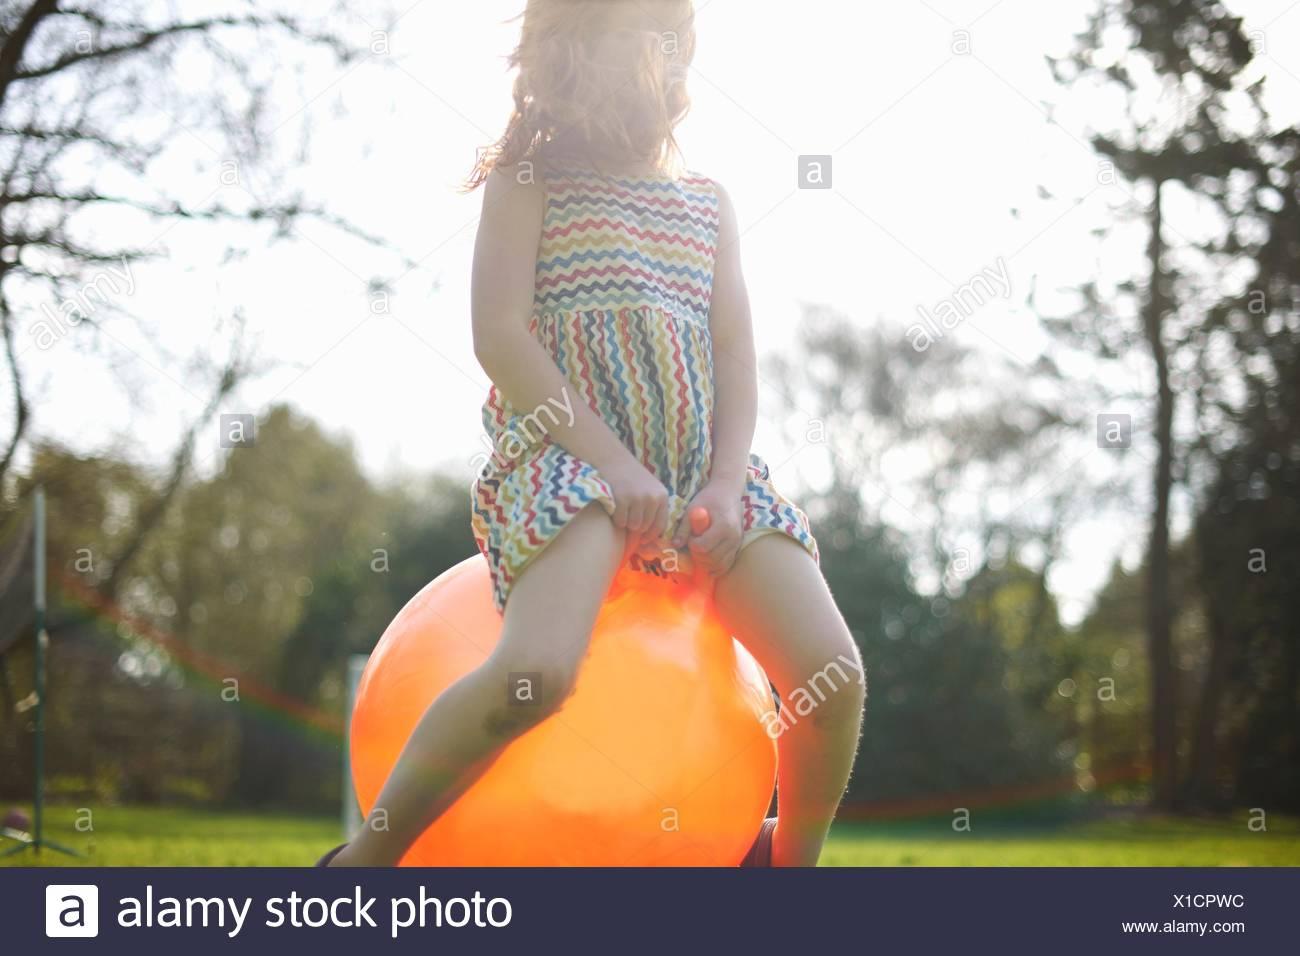 Junges Mädchen Prellen auf aufblasbaren Trichter Stockbild